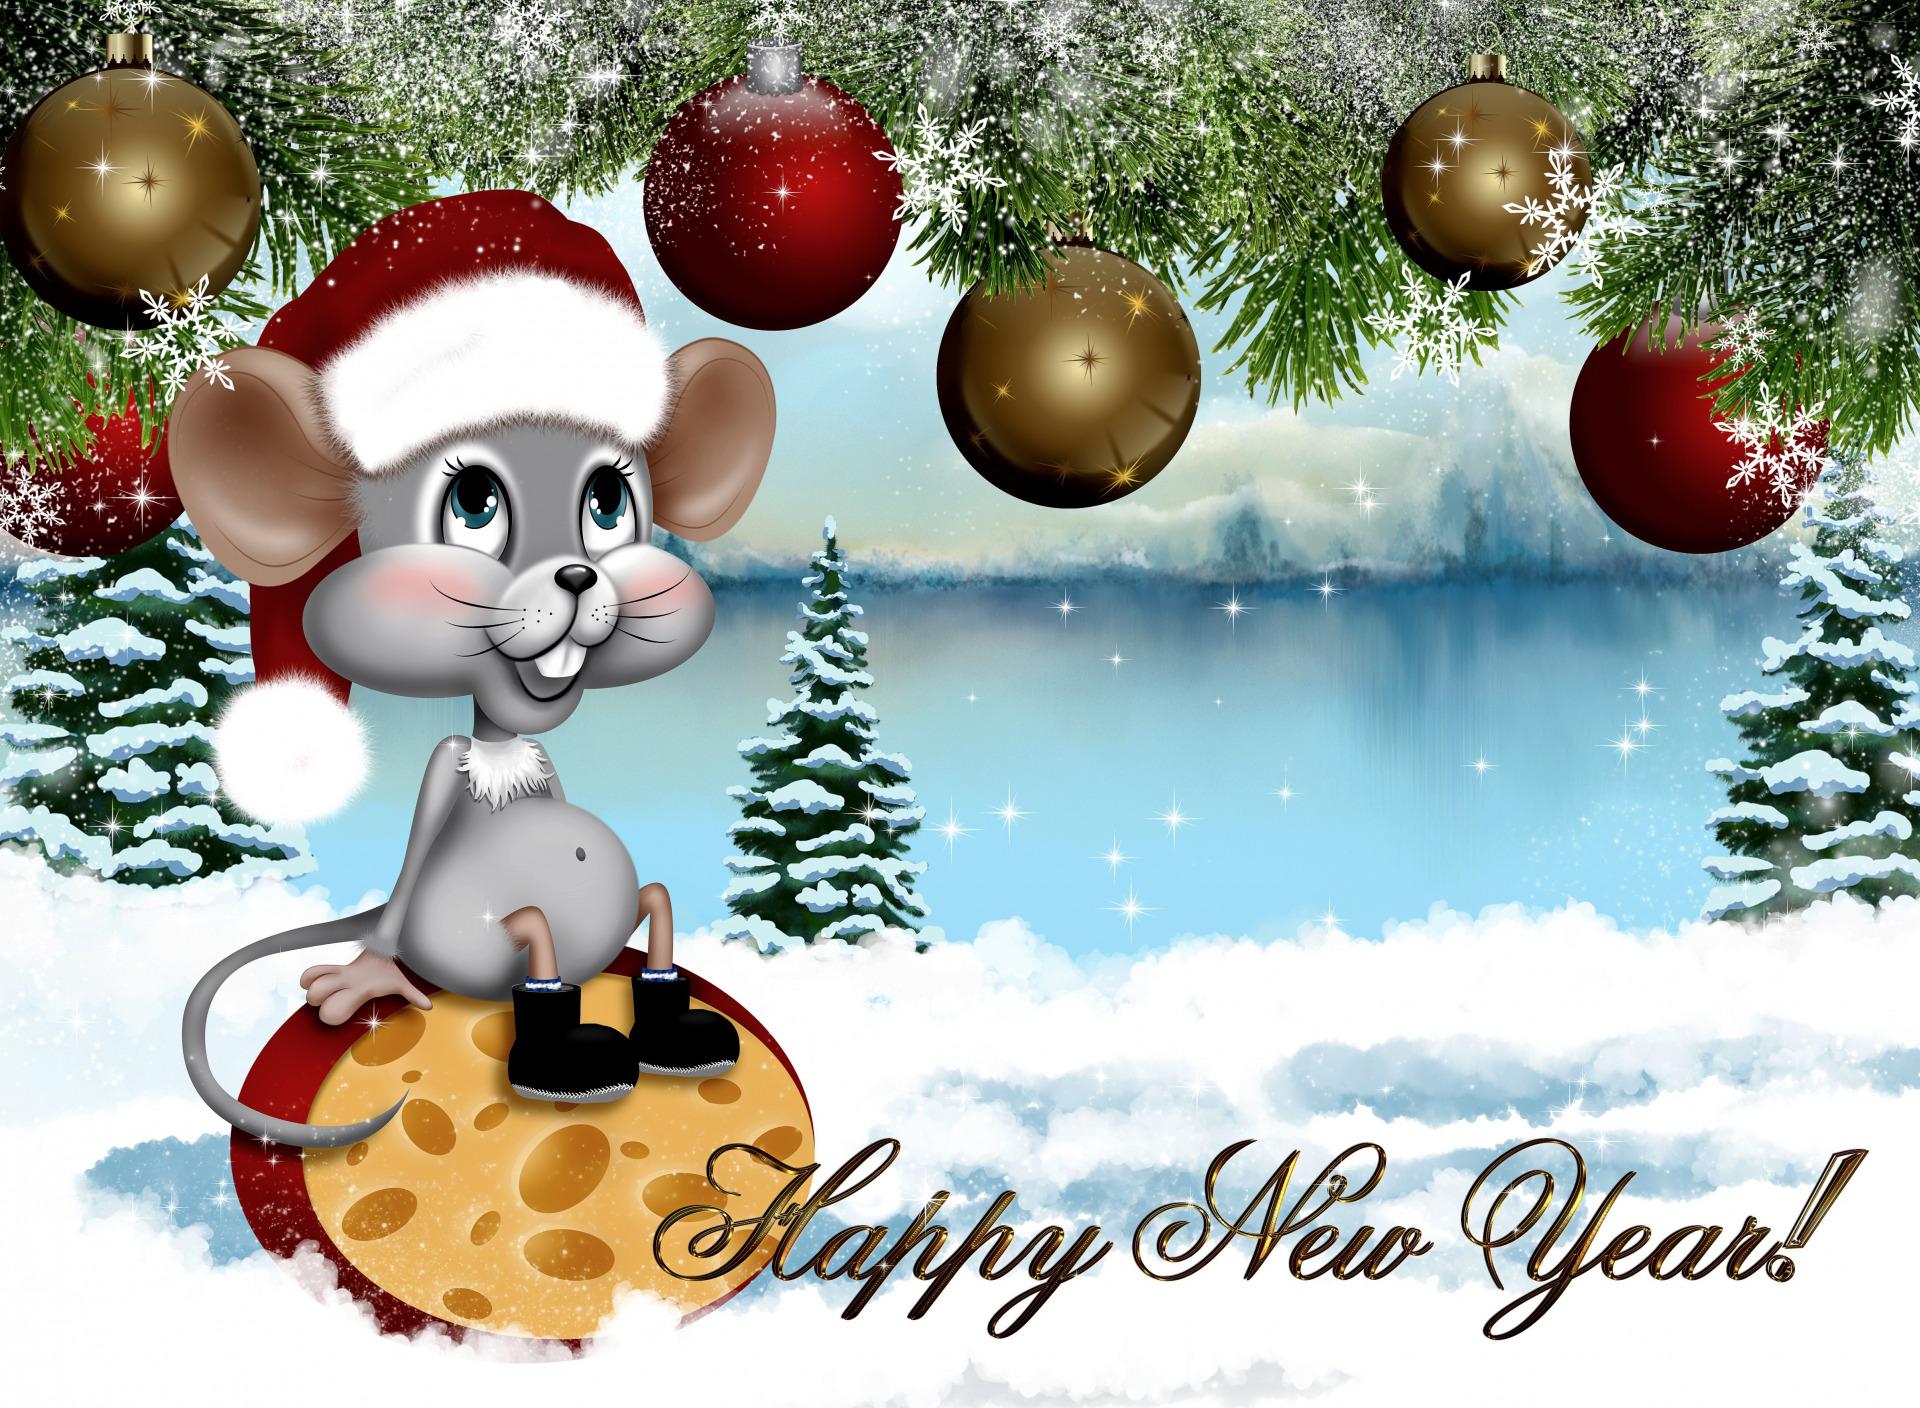 маленькой картинки на новый год с поздравлениями с мышкой сказала вера